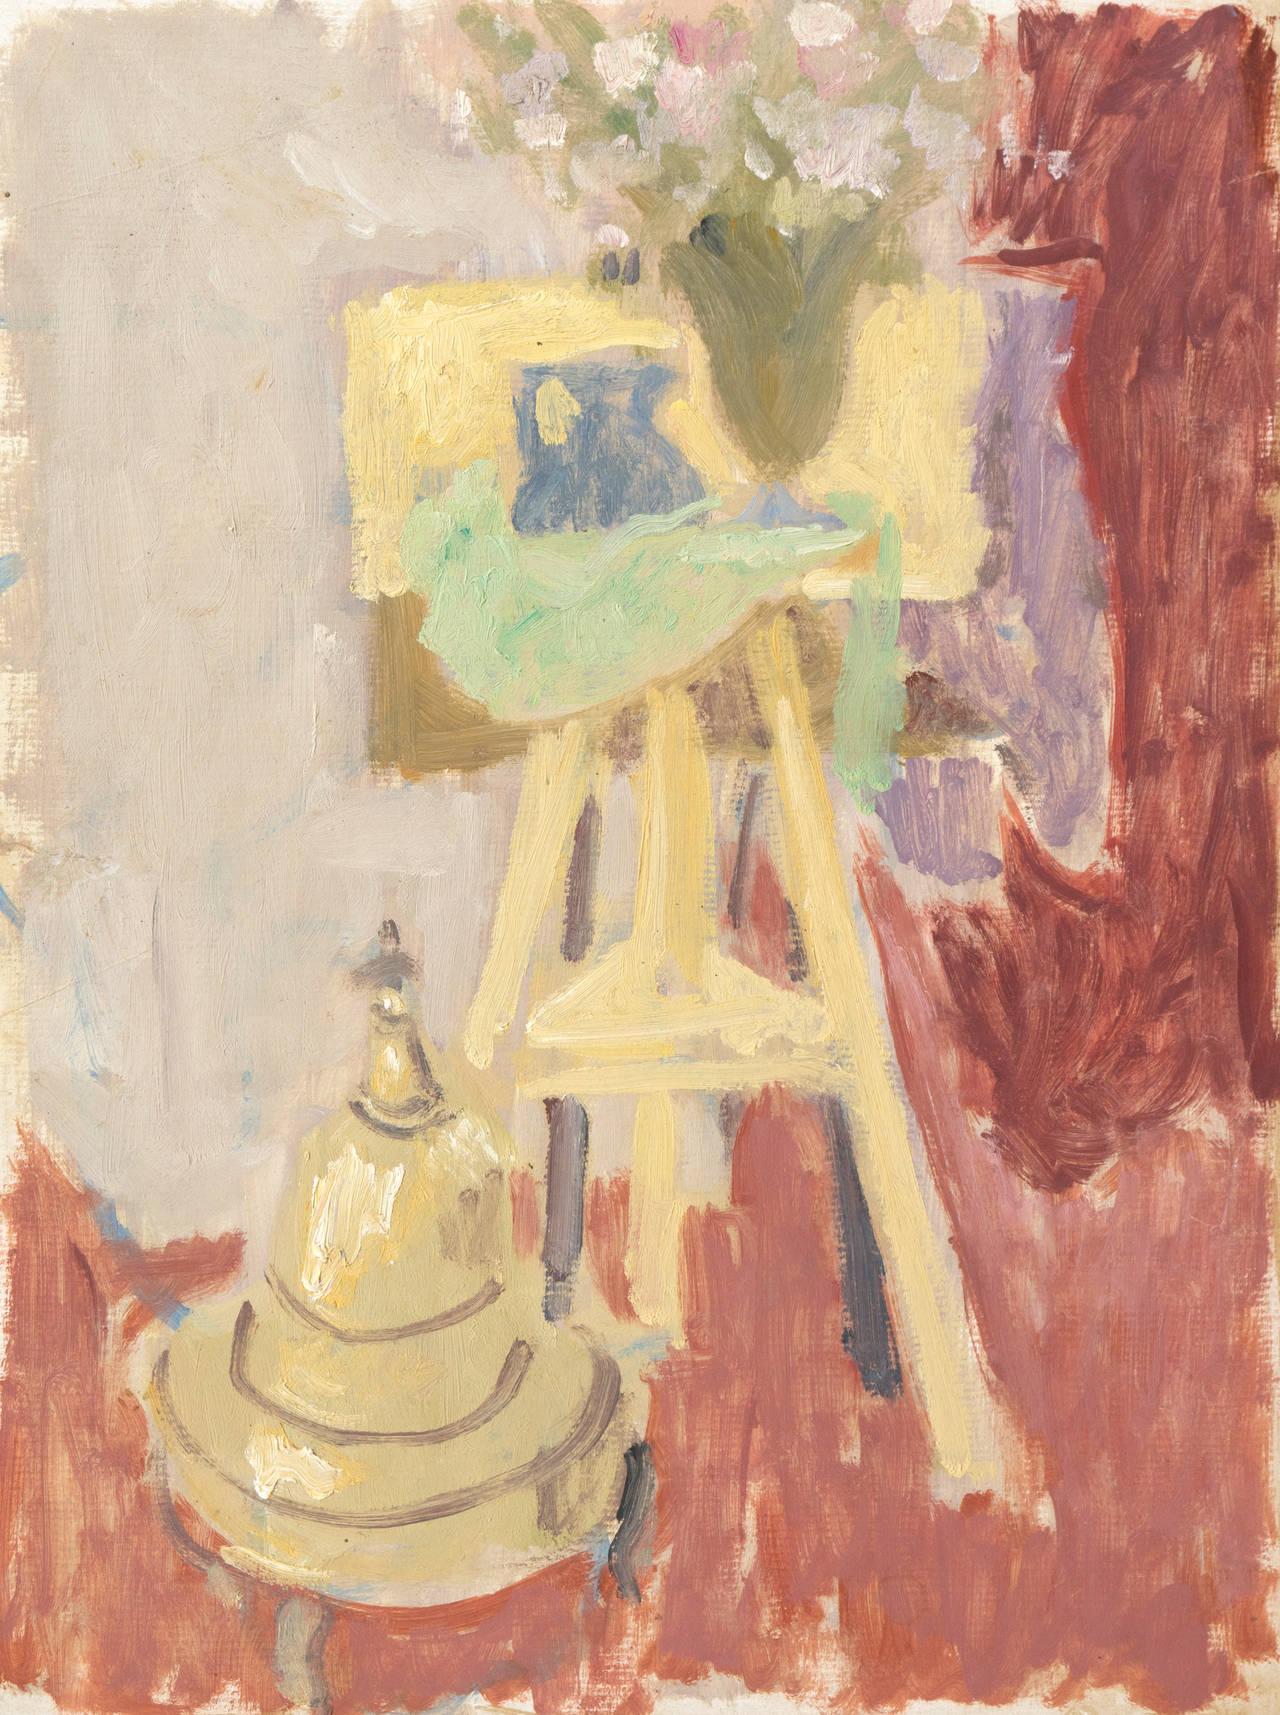 California Post-Impressionist 'Artist's Studio' Louvre LACMA, Académie Chaumière